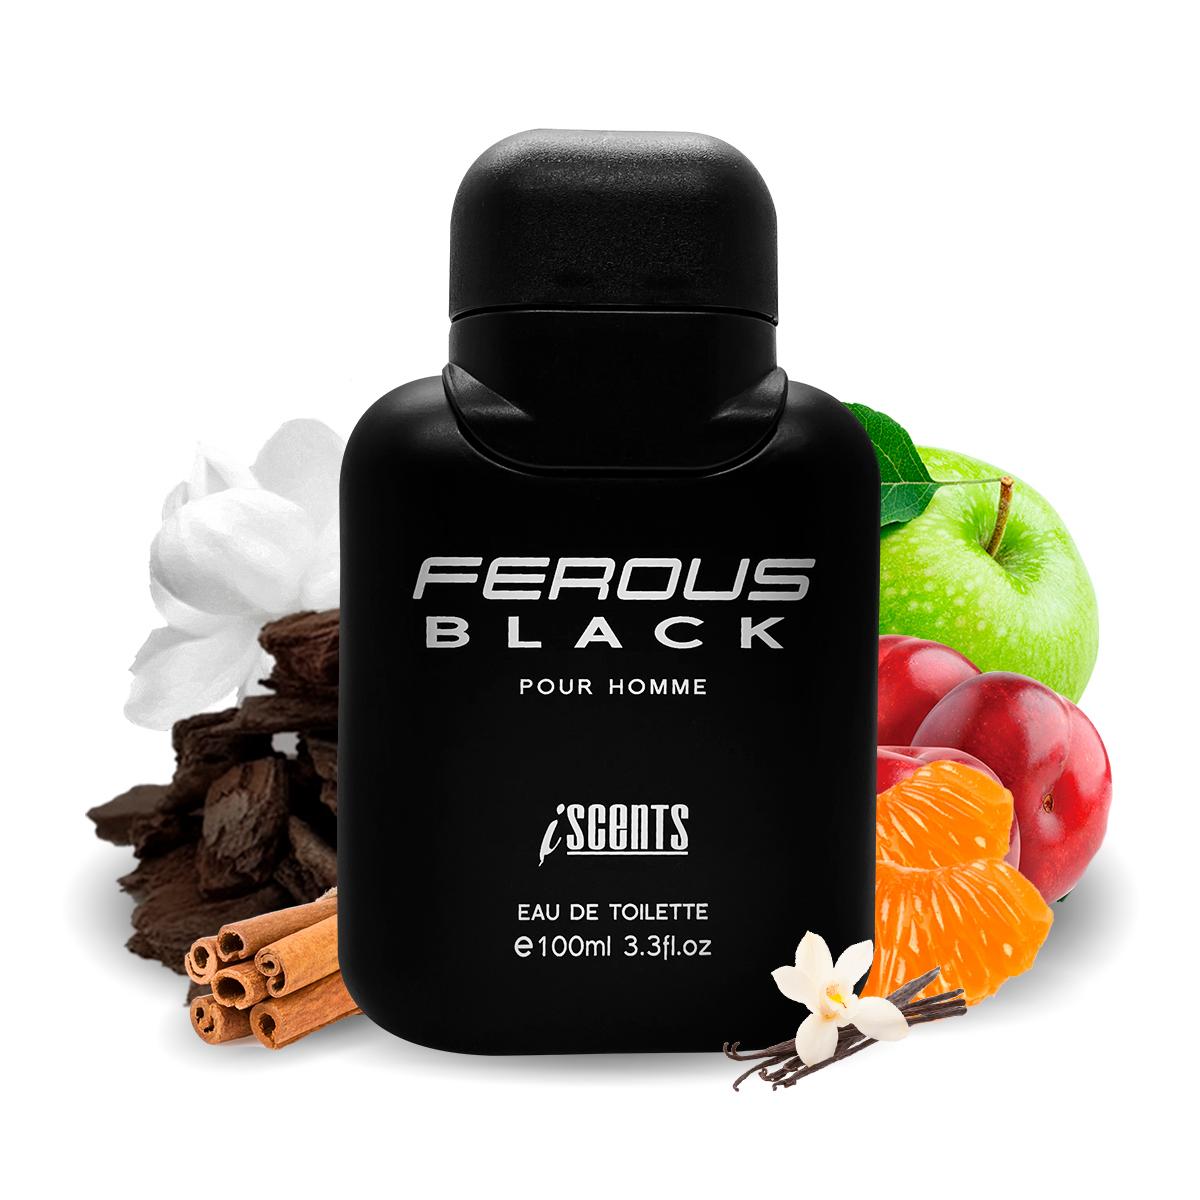 Kit 2 Perfumes Ferous Black e Black Scent I Scents